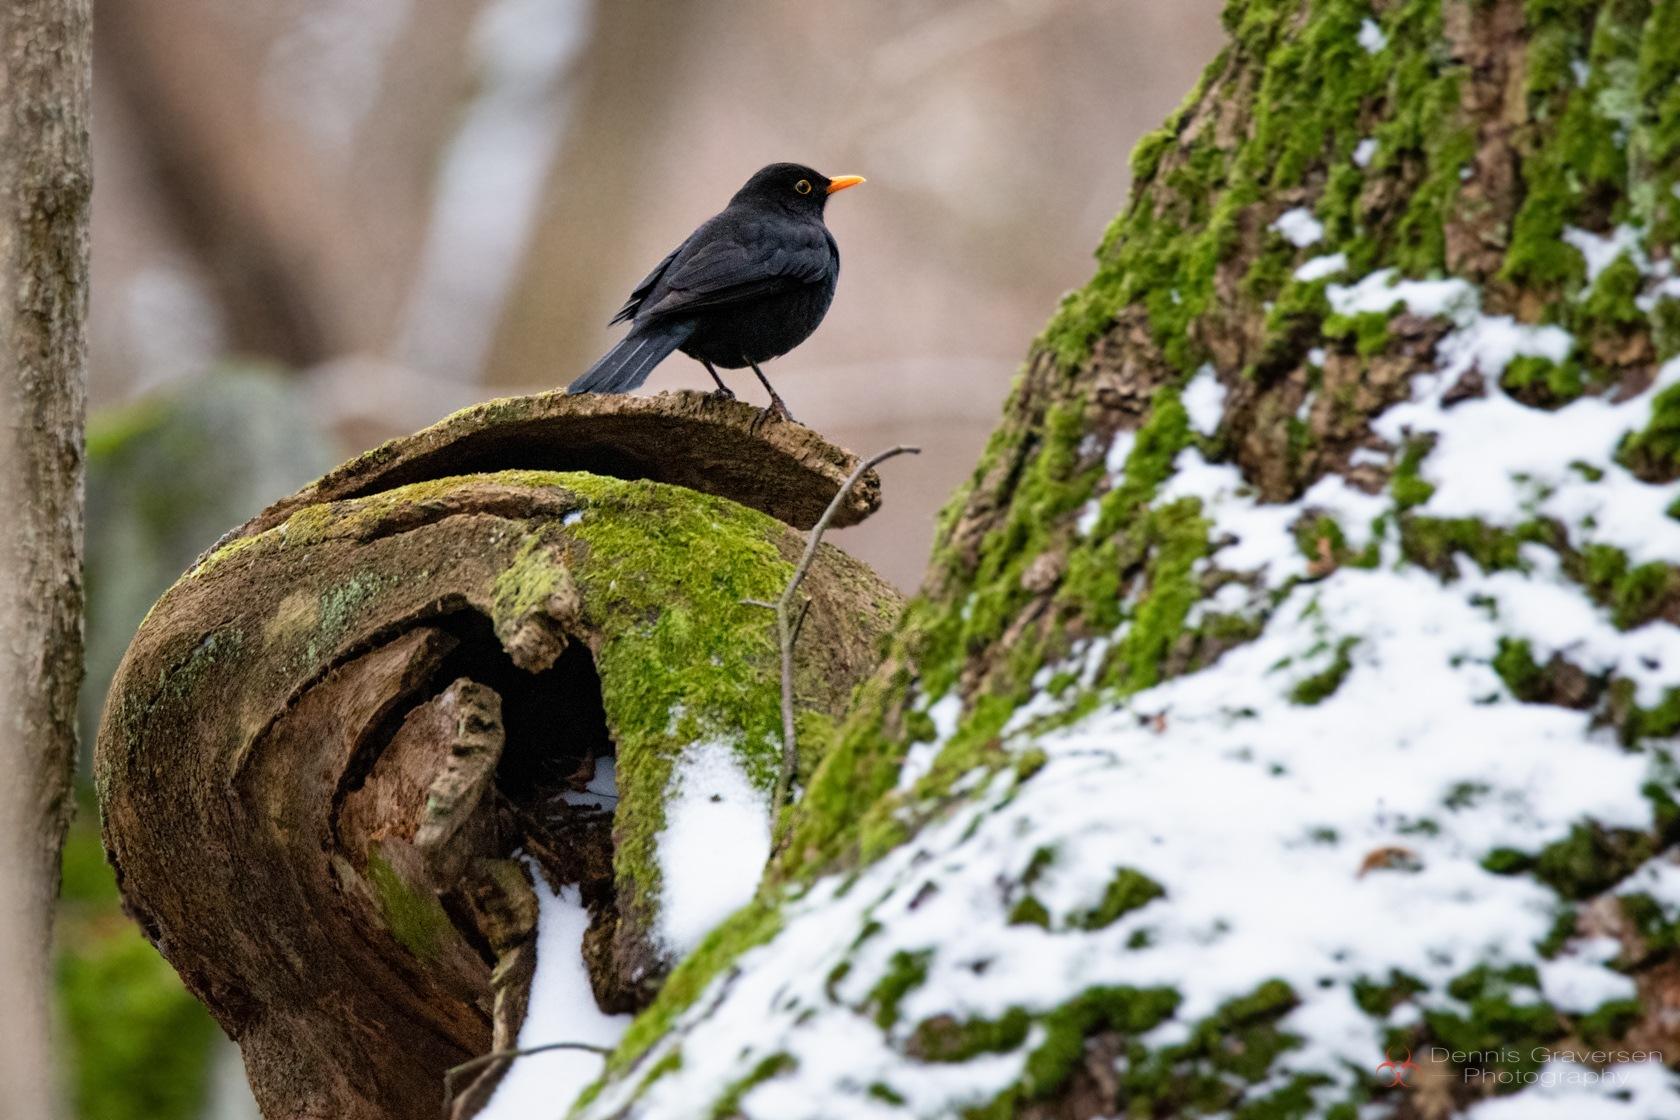 Blackbird by Dennis Graversen